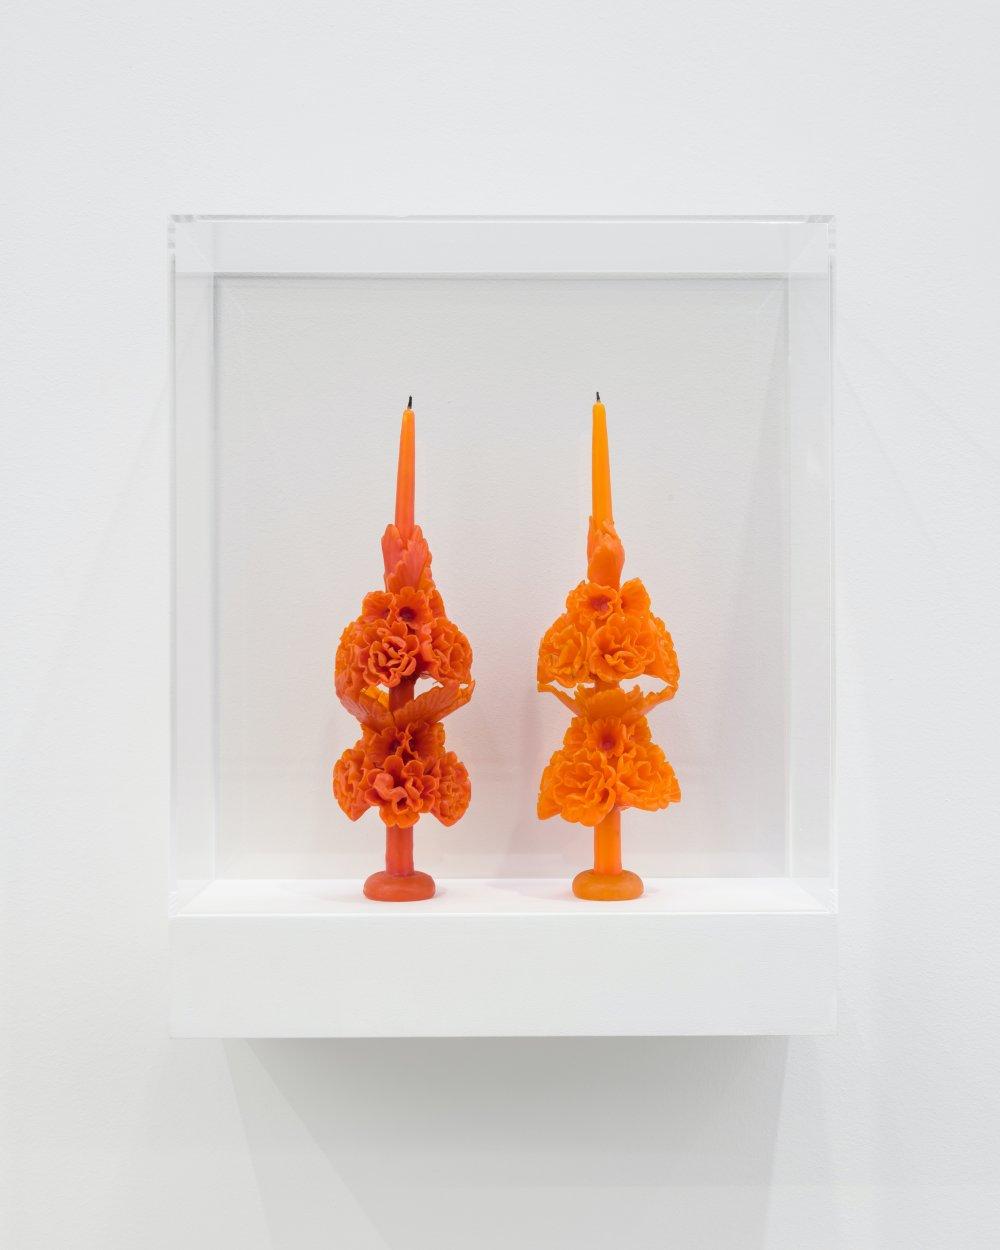 votive candles on shelf